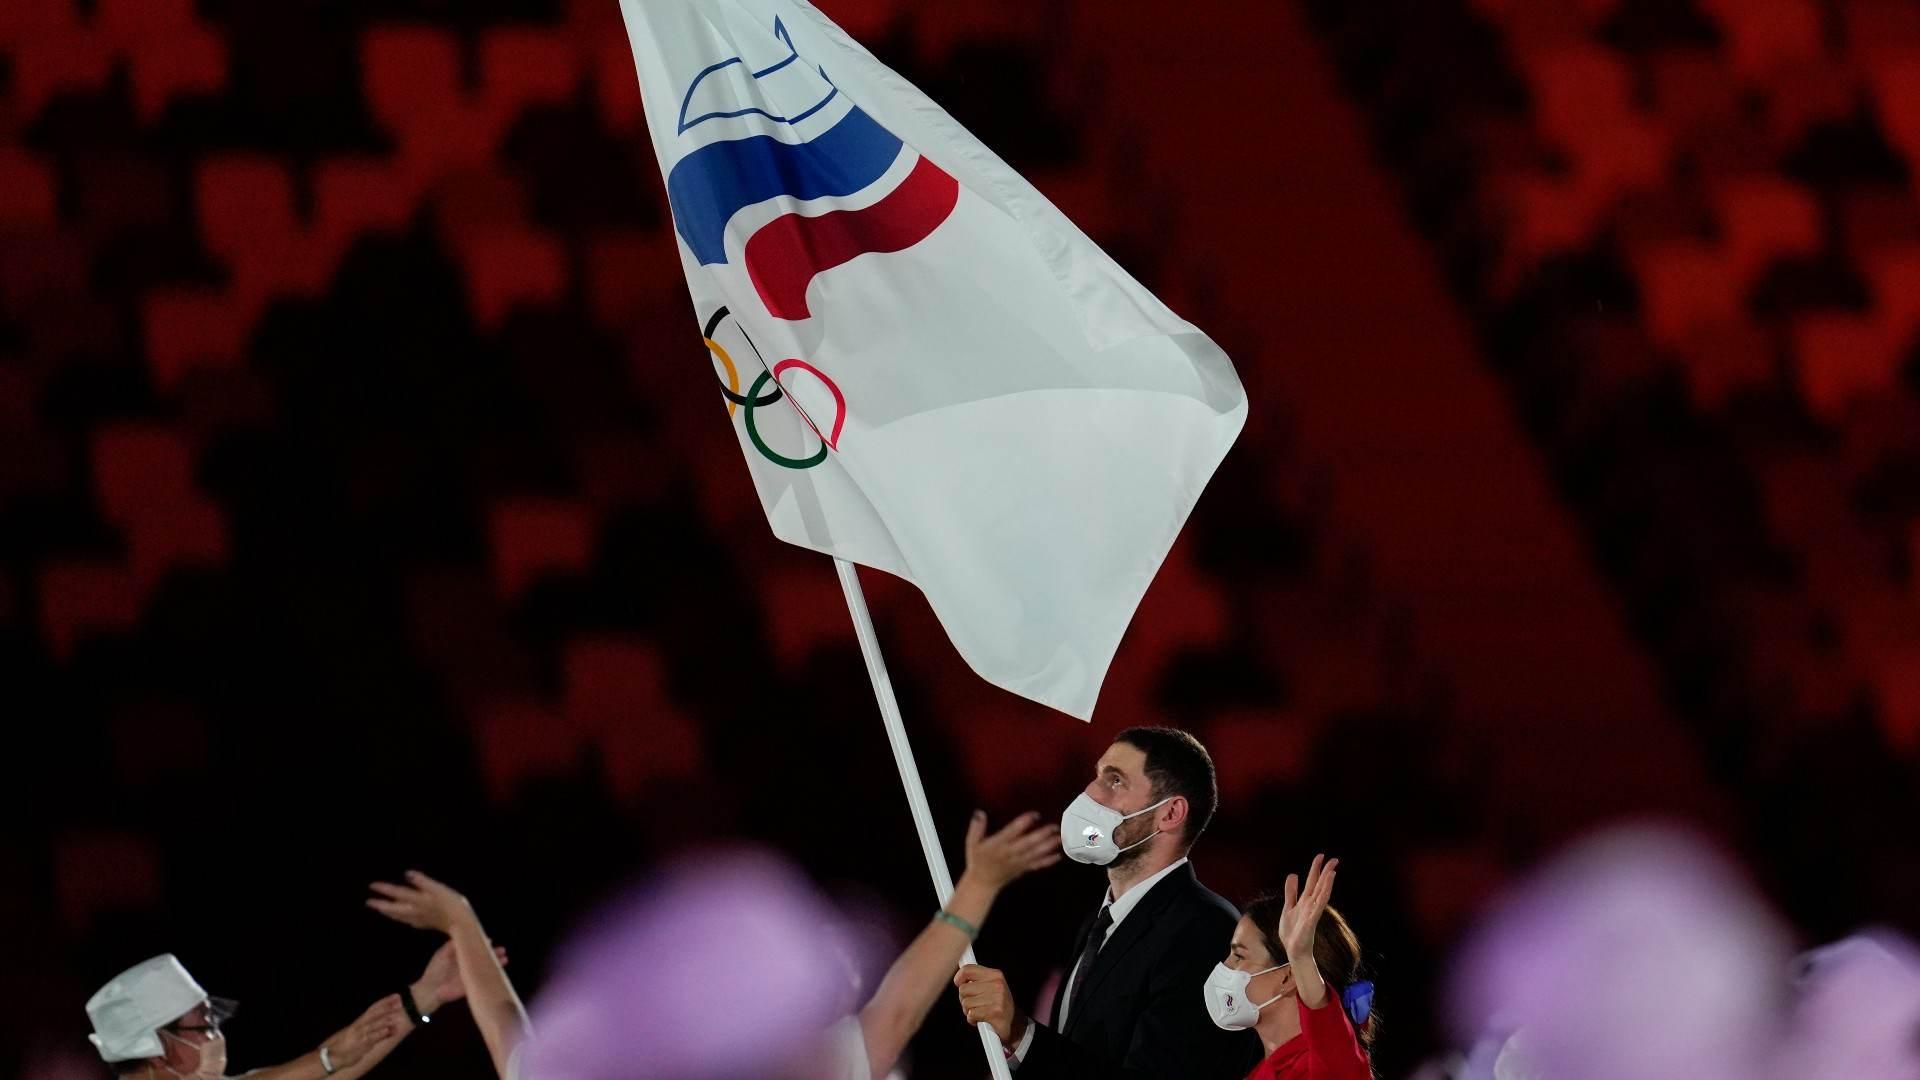 Com Rússia banida dos Jogos, atletas do país desfilam com cores de Comitê